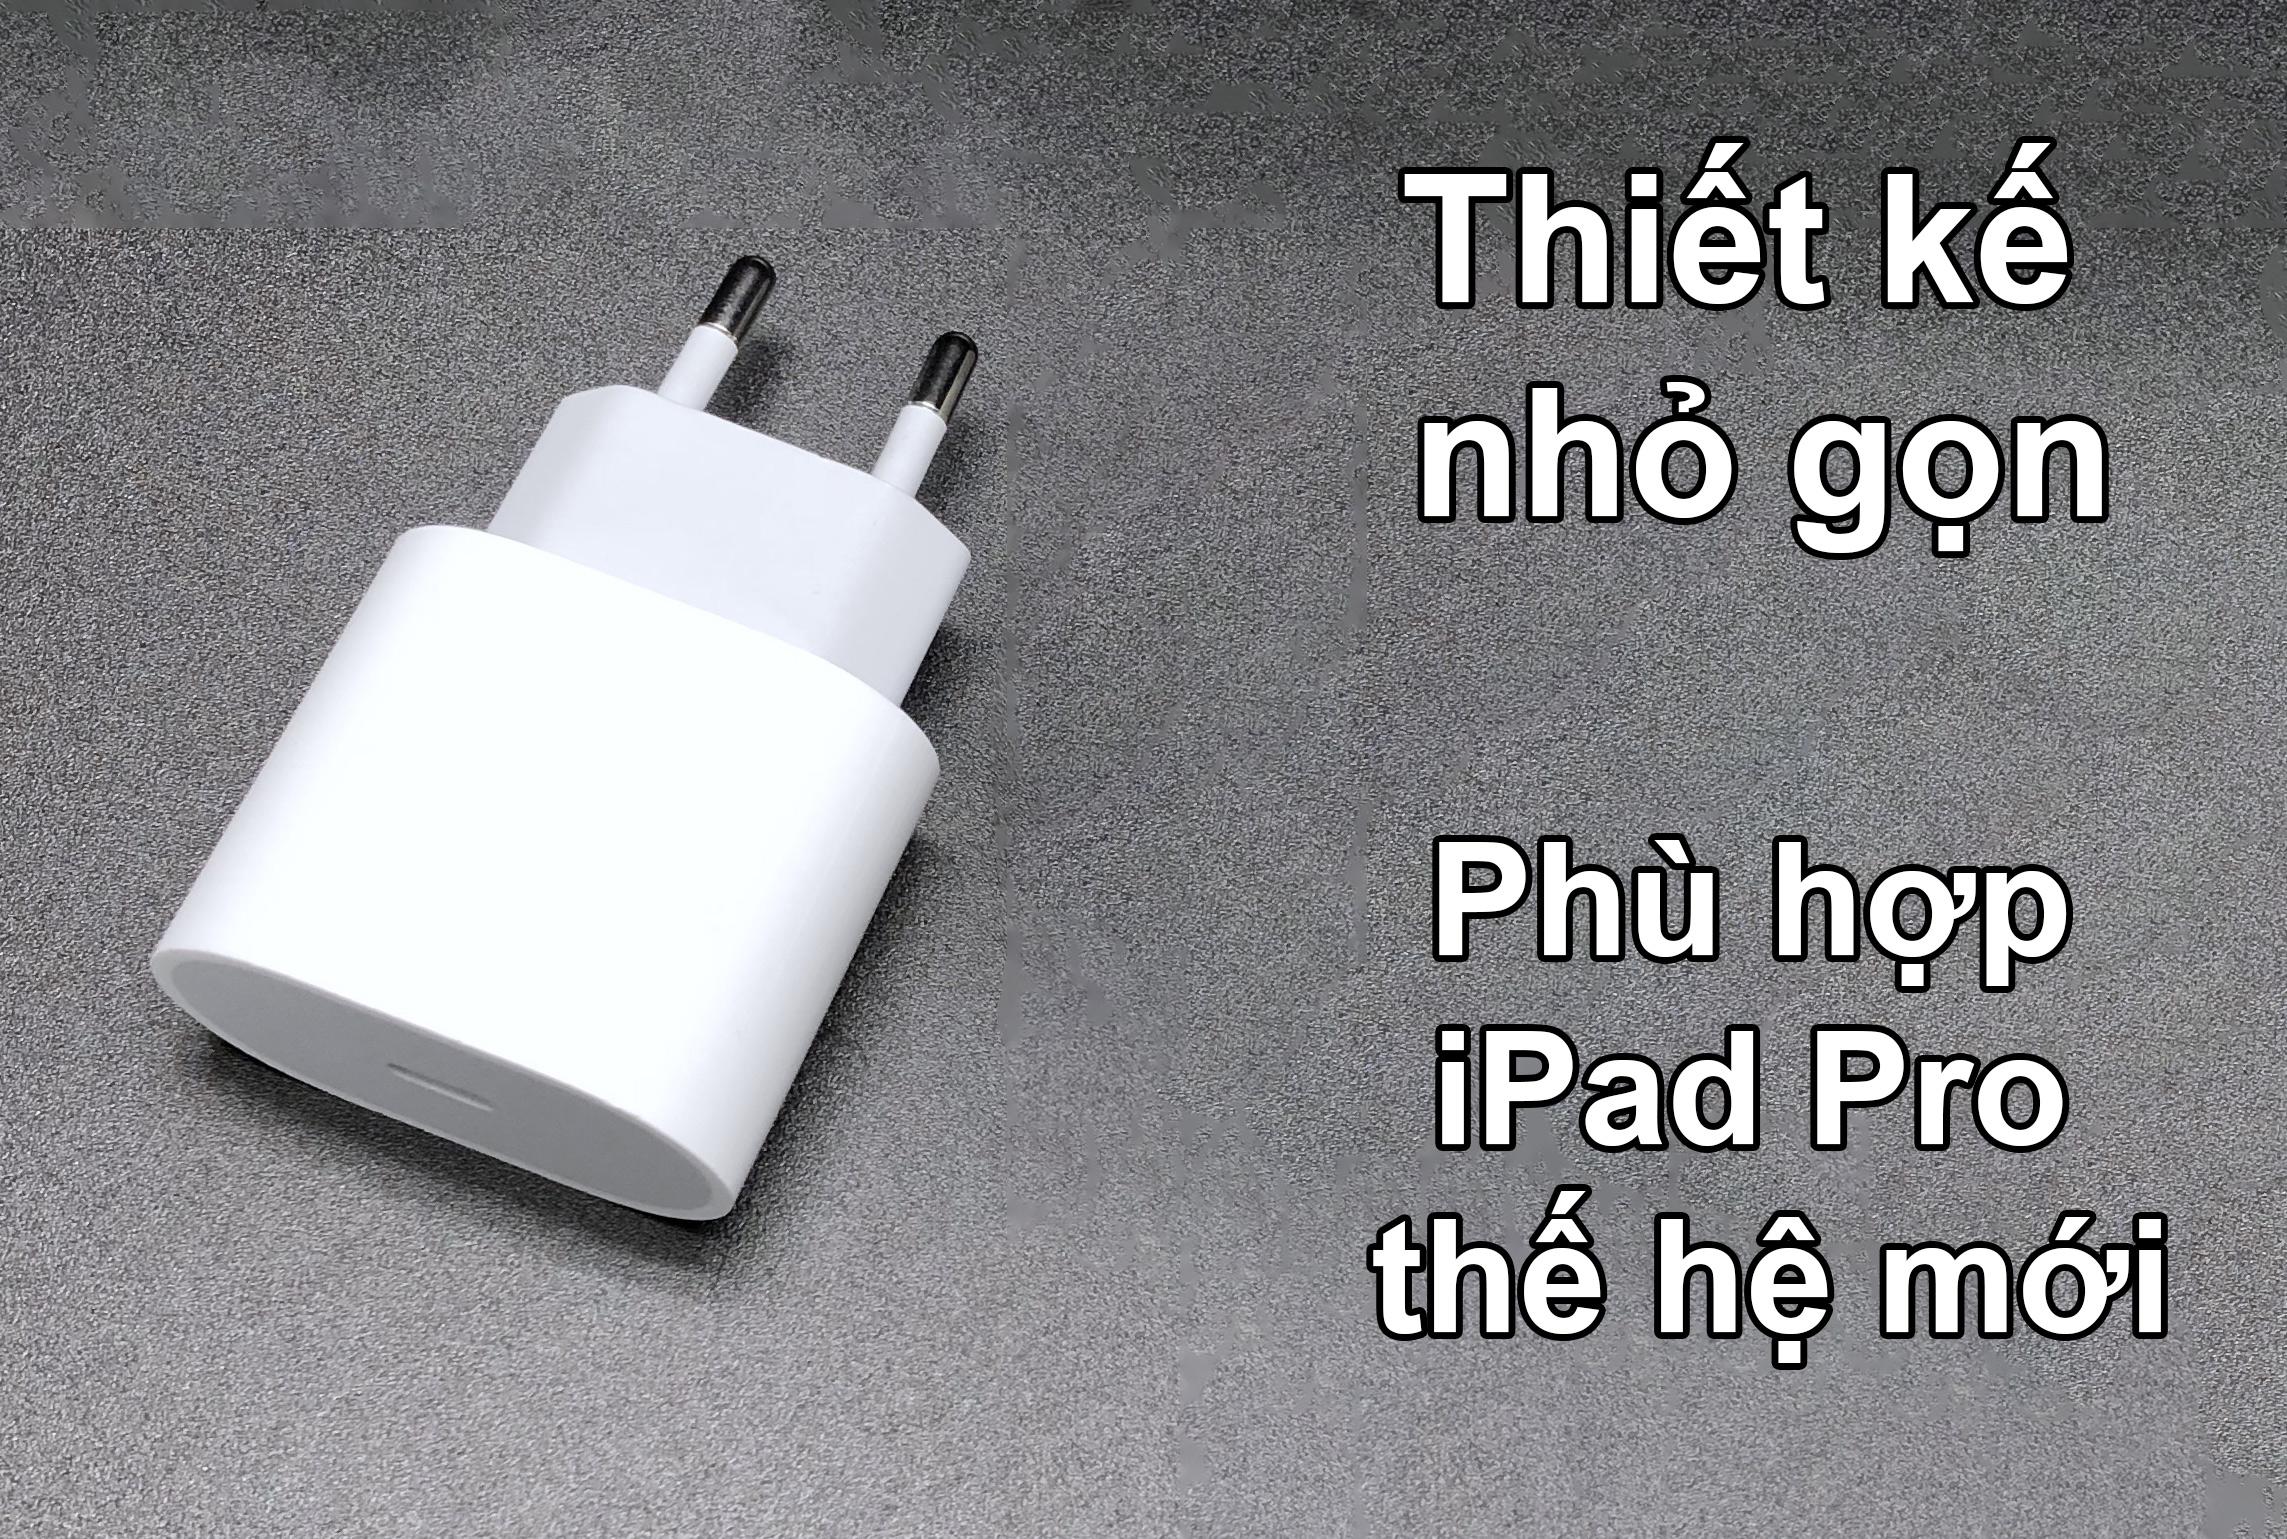 Sạc Apple 18W USB-C Power Adapter-ITS | Thiết kế nhỏ gọn, Phù hợp iPad Pro